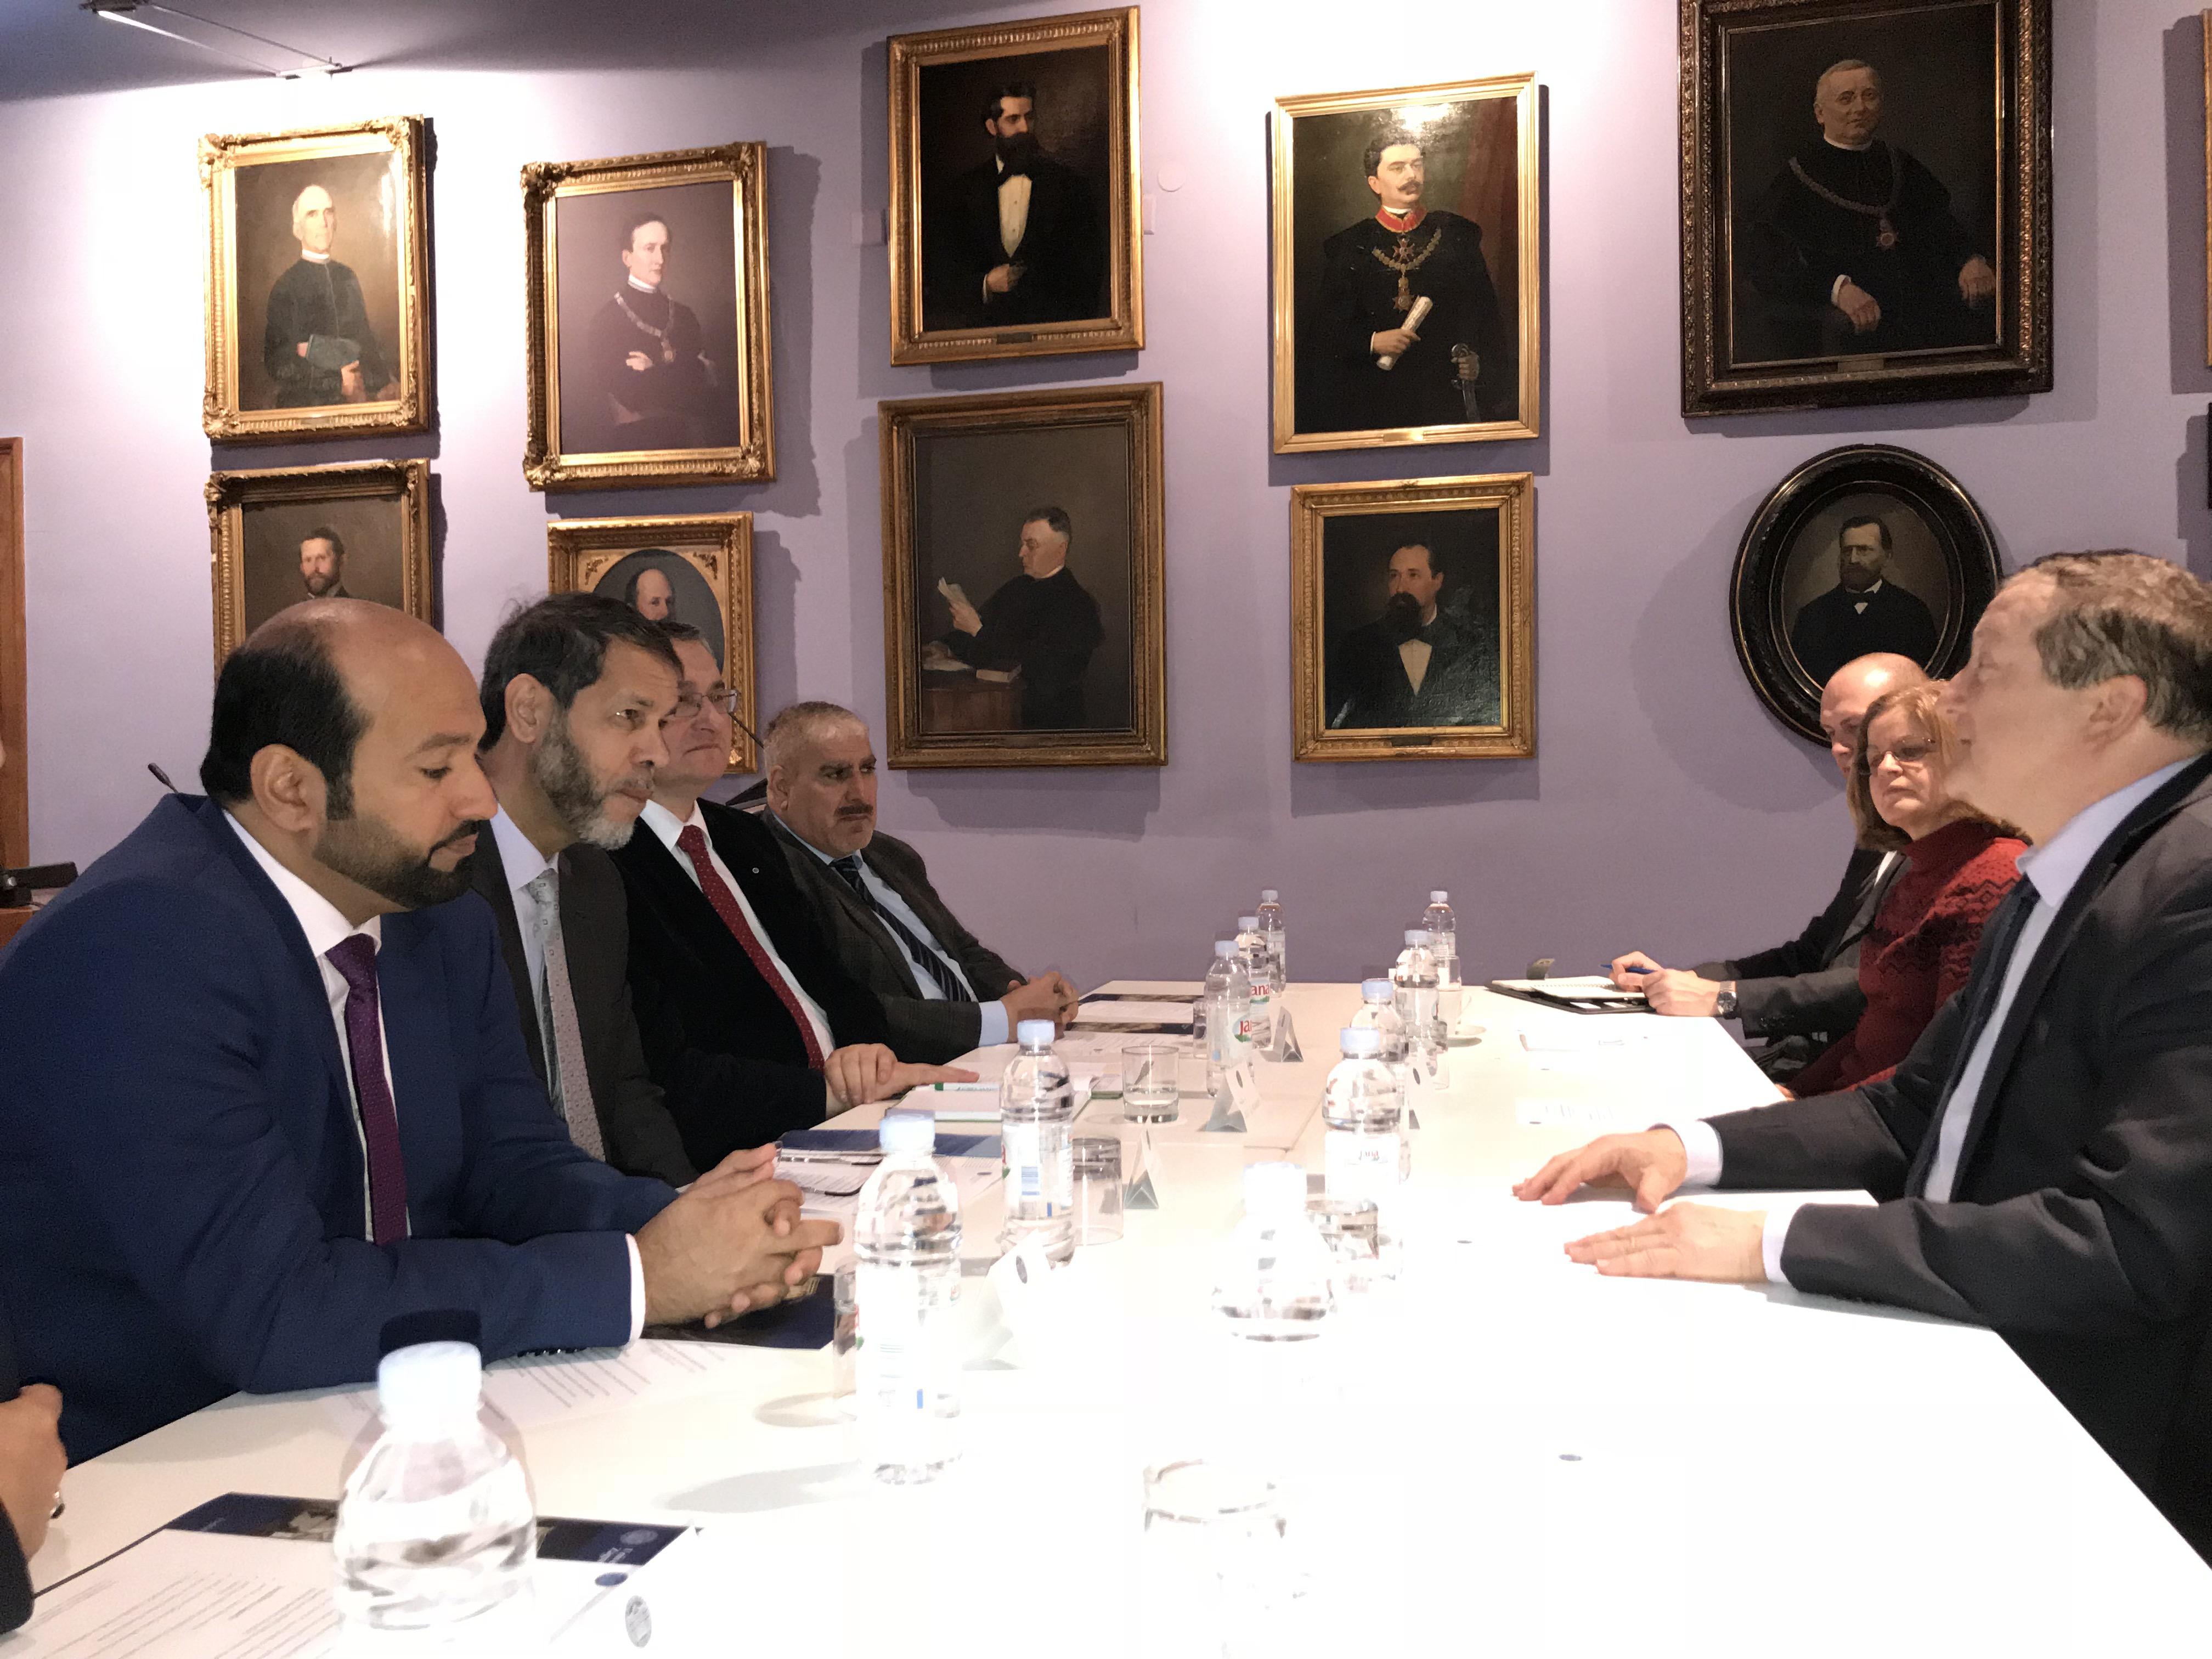 مجمع اللغة العربية بالشارقة يوقع اتفاقية لإنشاء مركز أكاديمي في جامعة زغرب